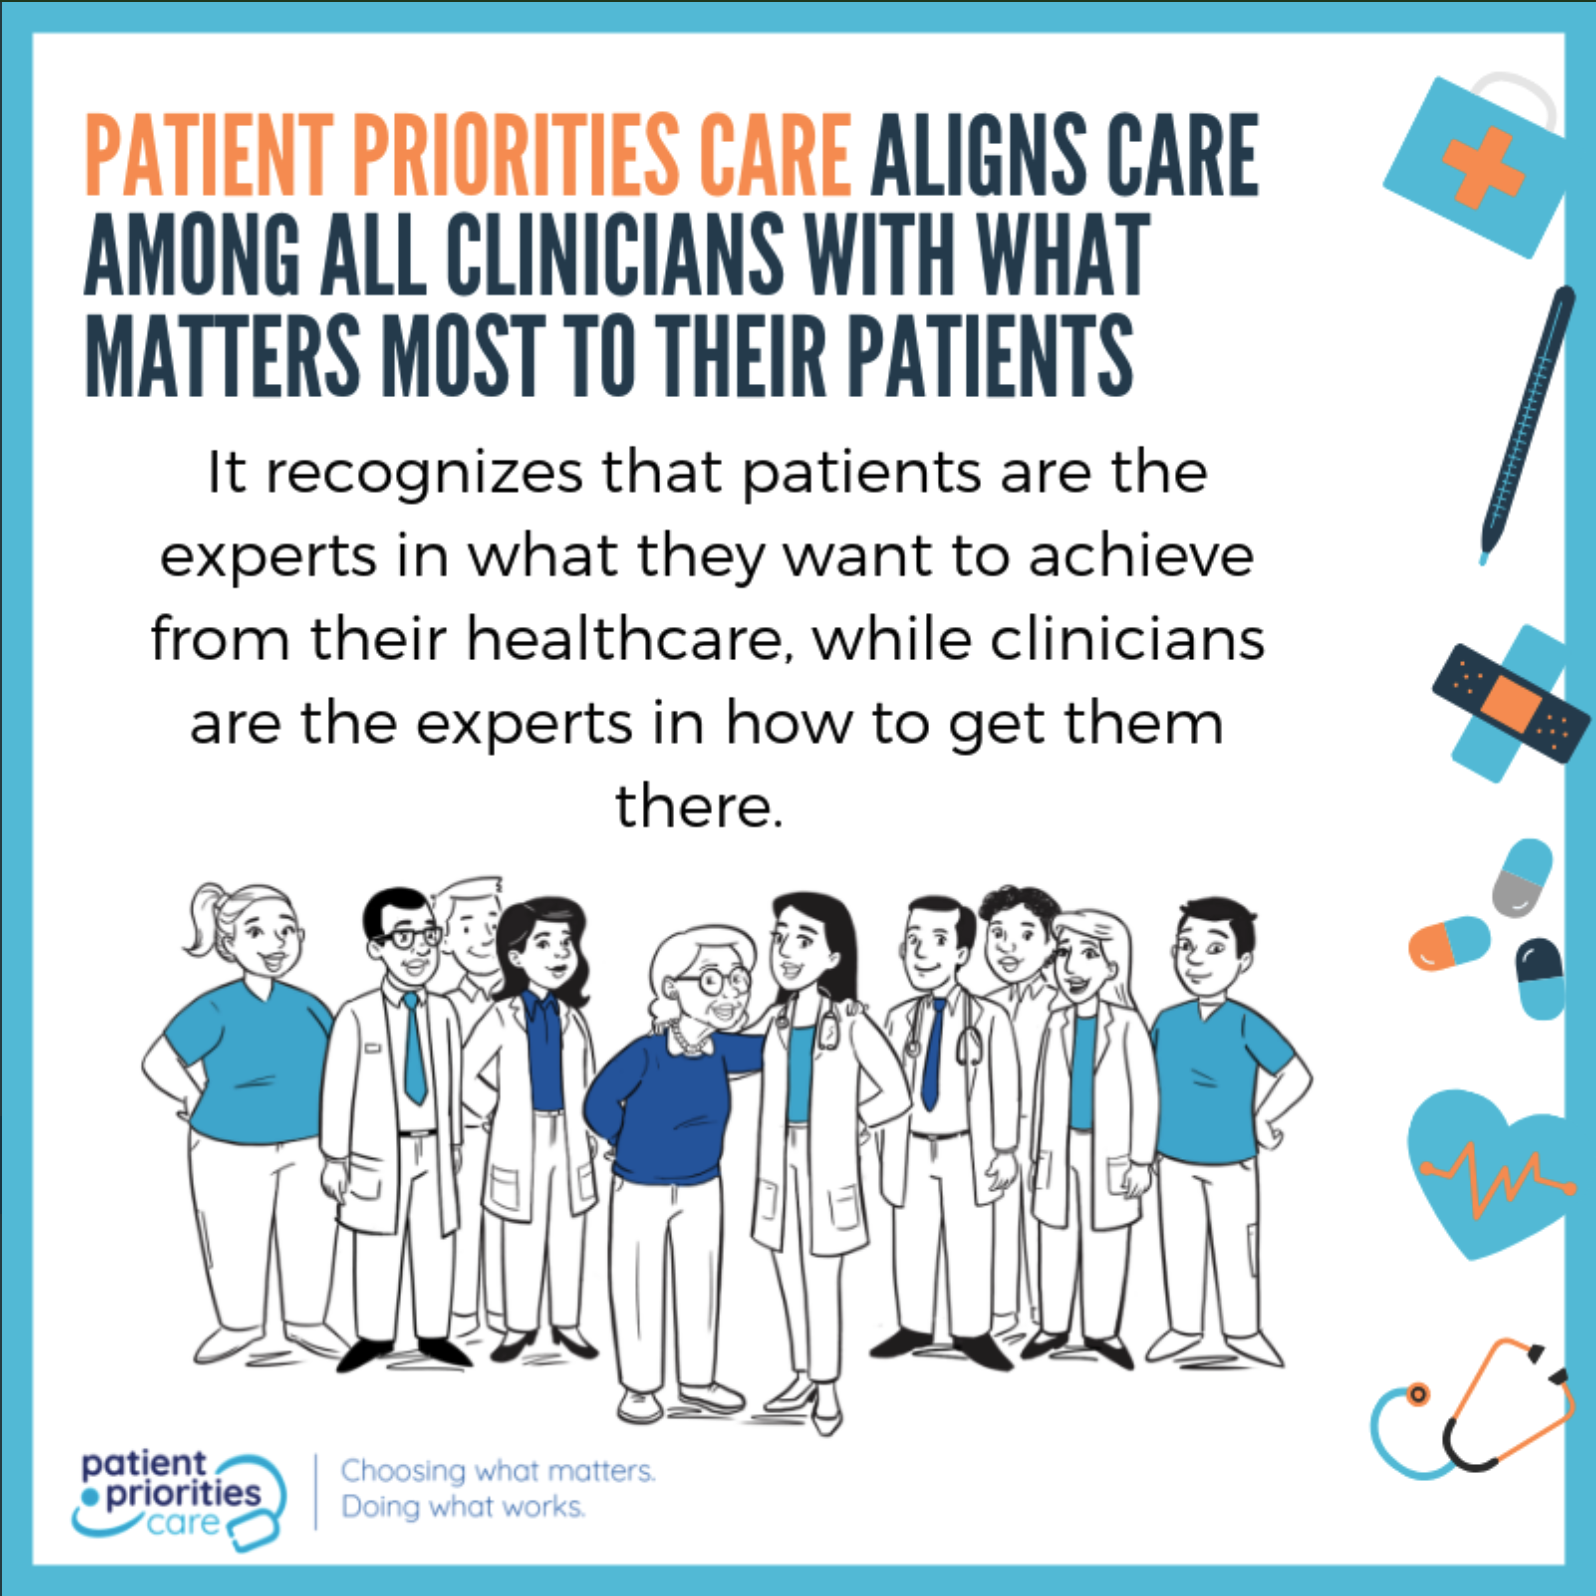 Patient-priorities-care